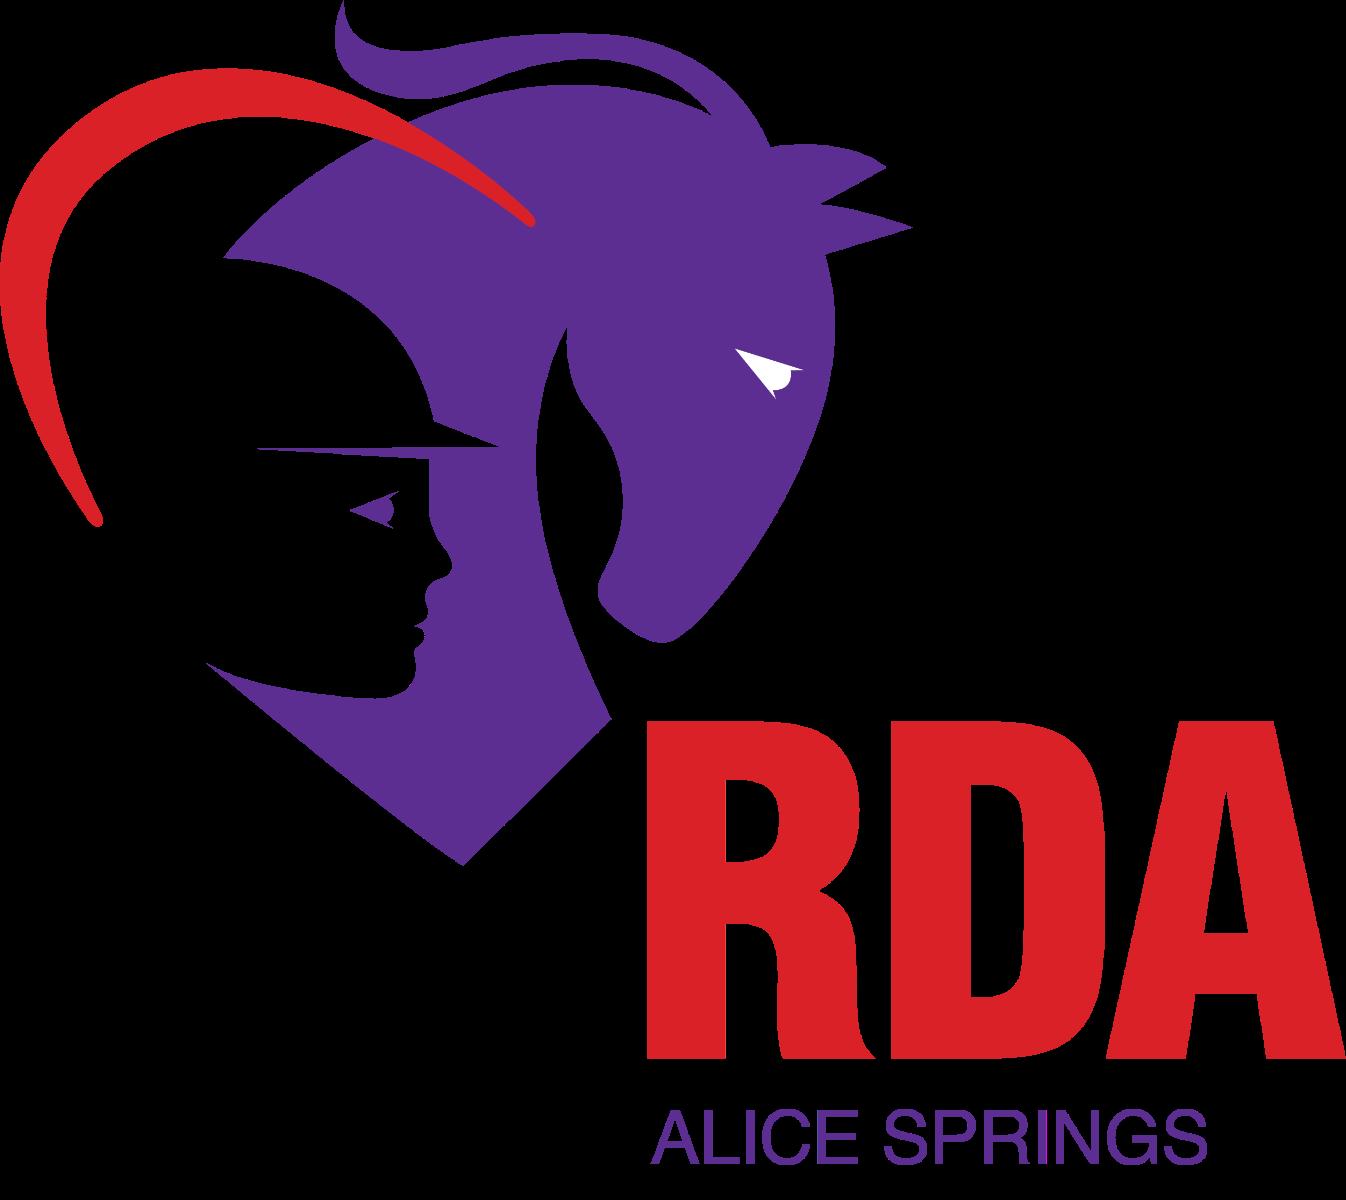 RDAA_CMYK_Alice Springs.png